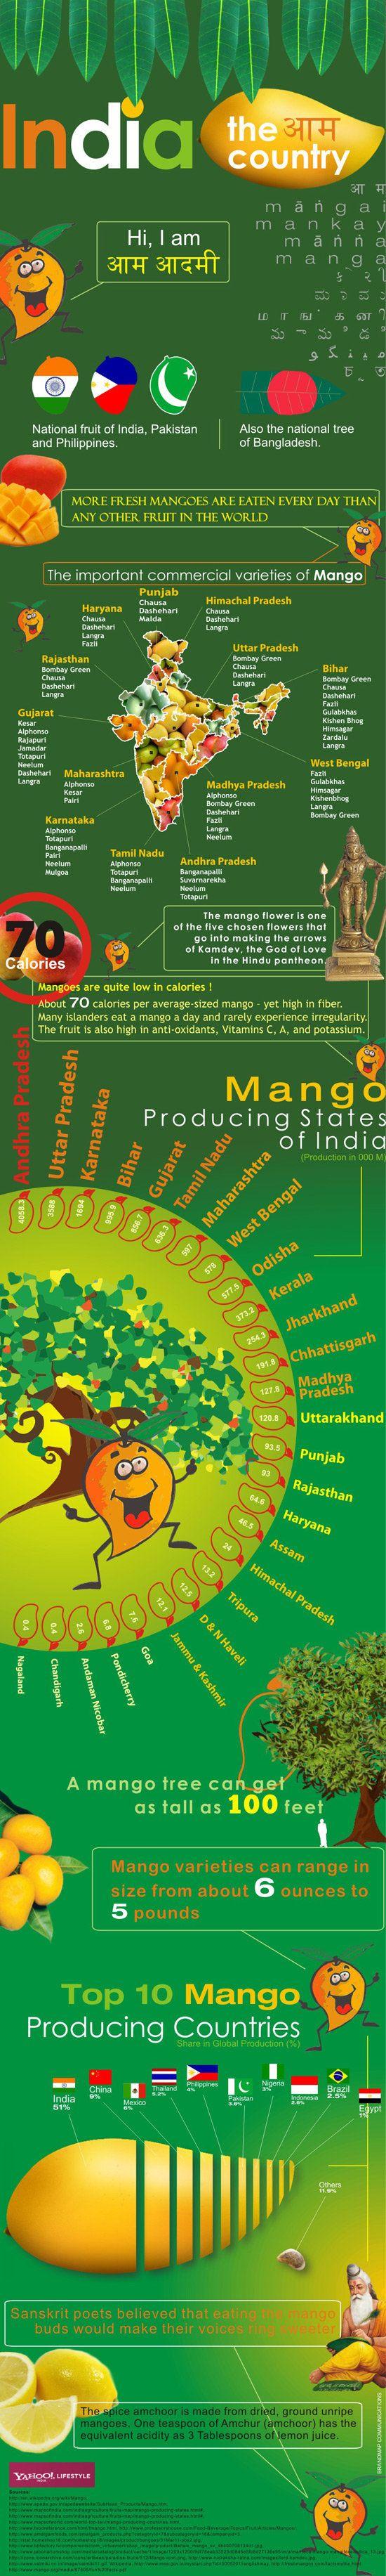 Mango map of India